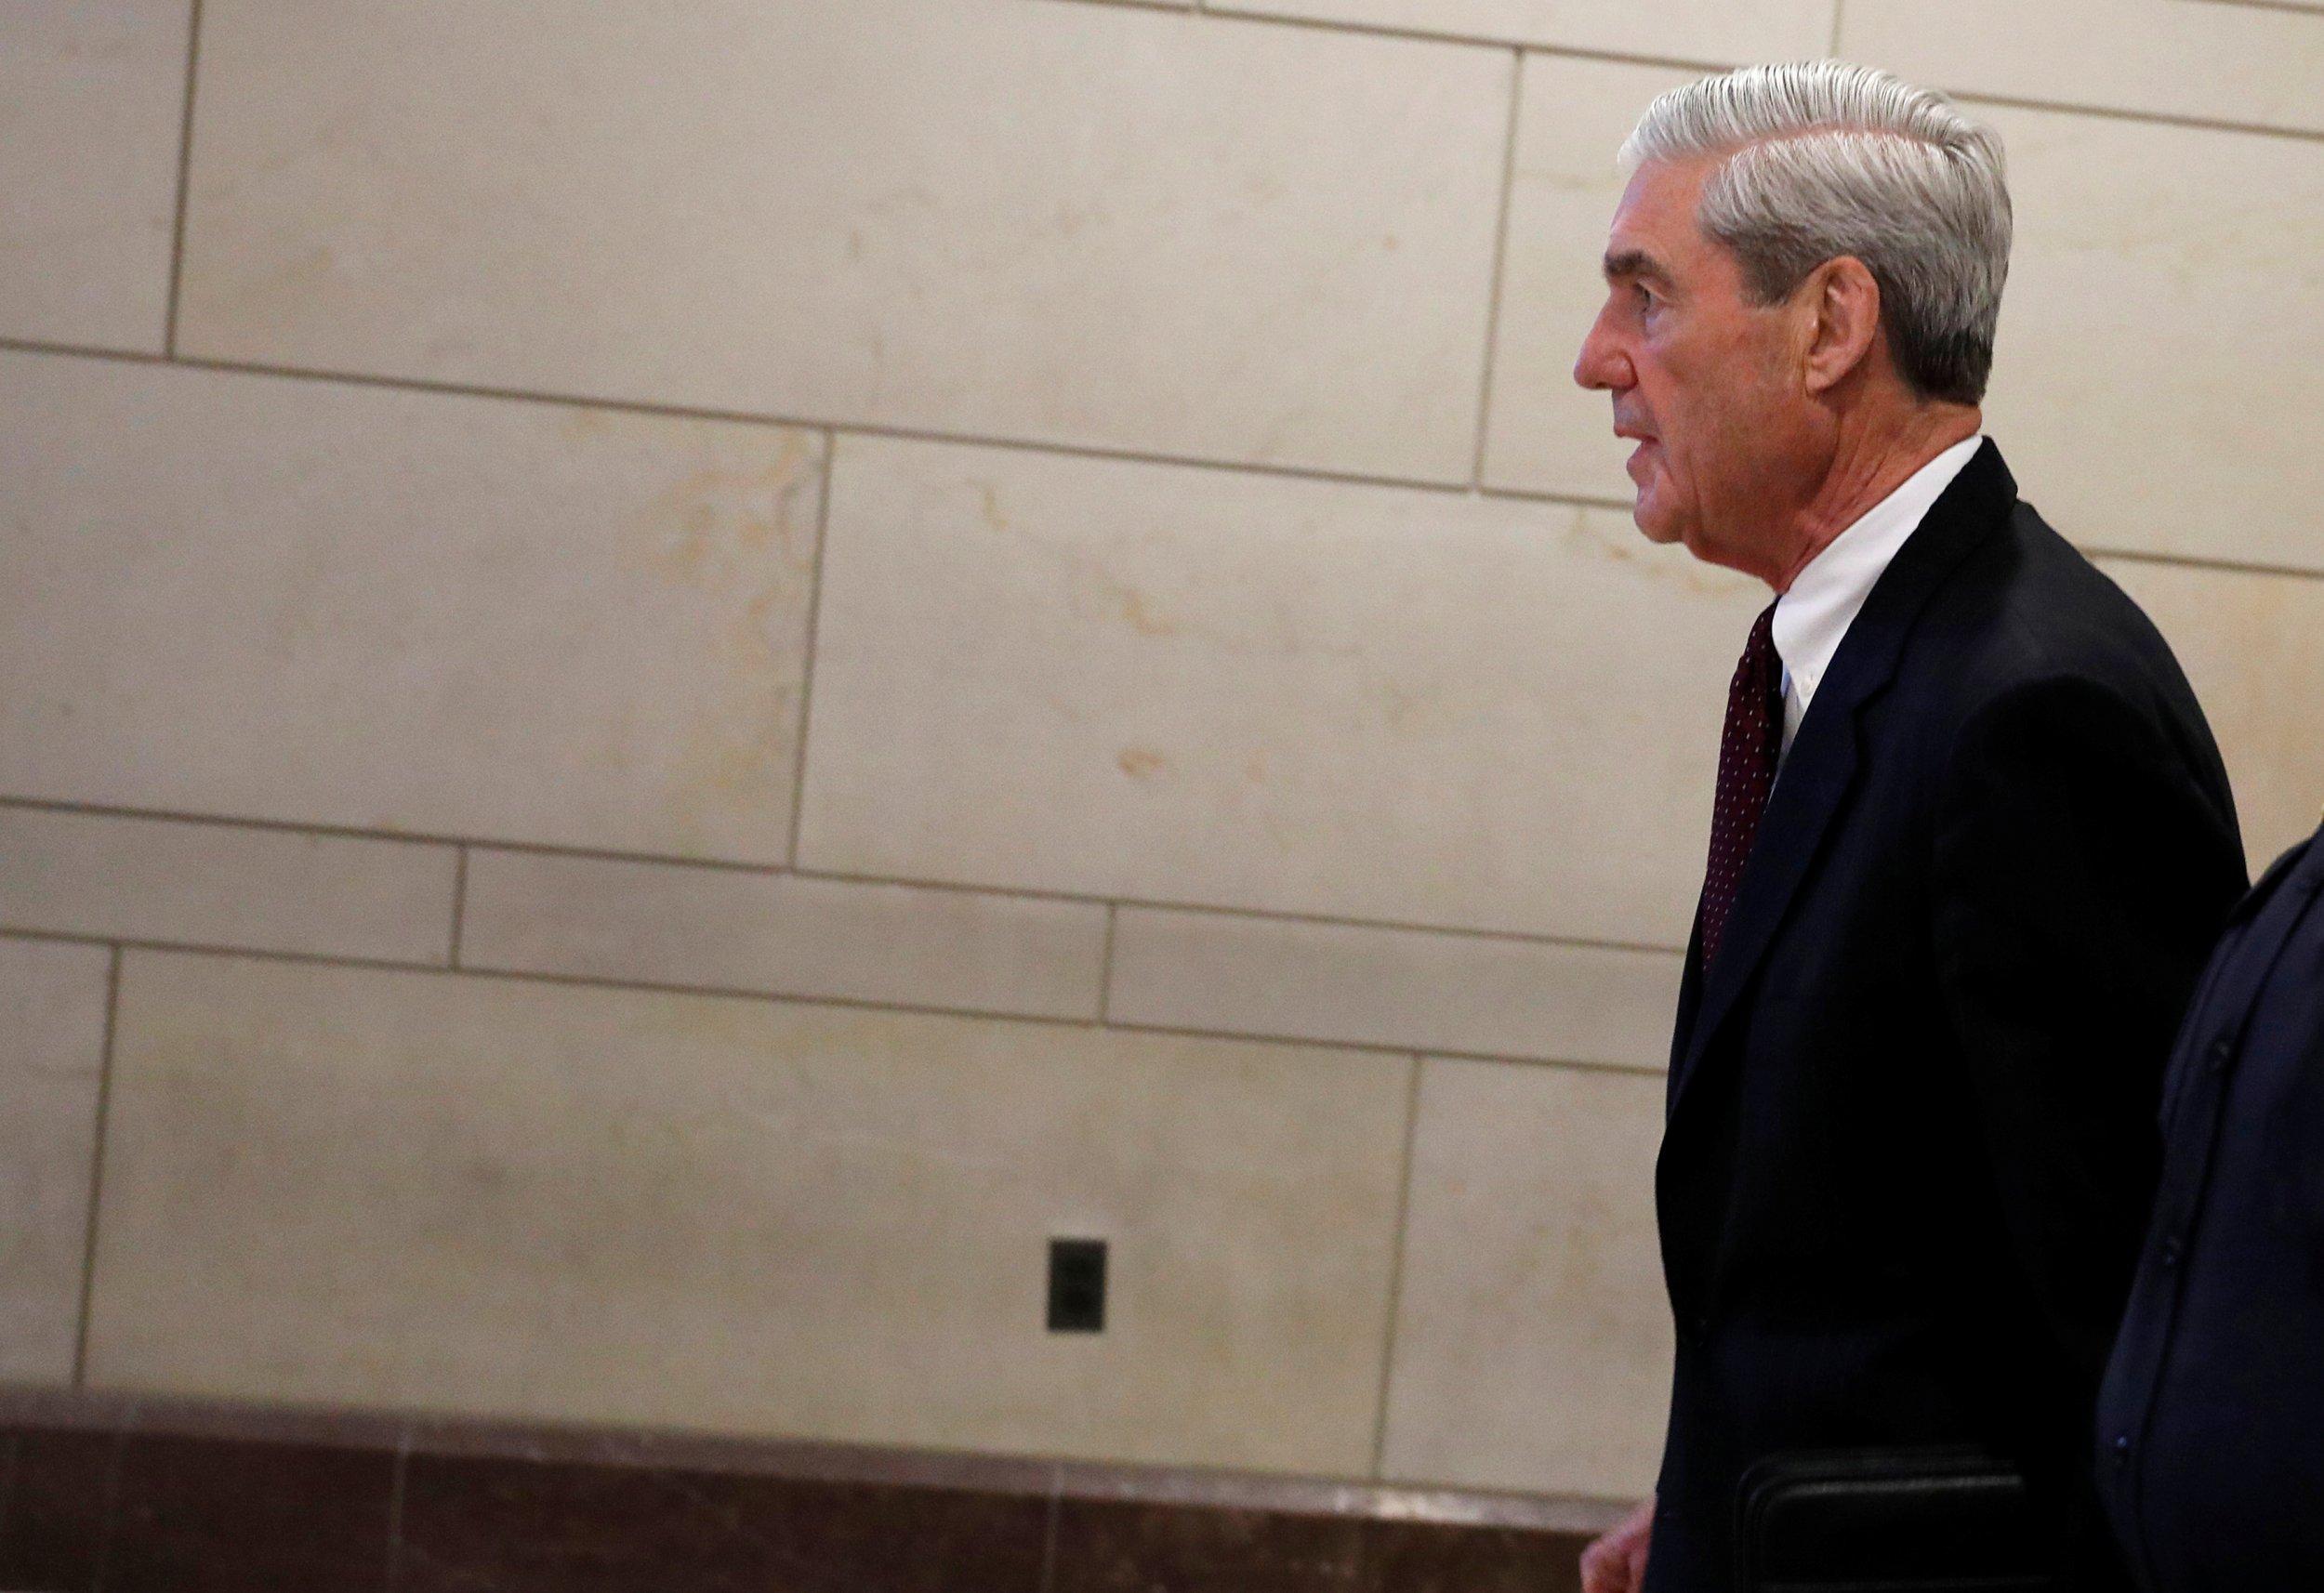 12_14_Dowd_Cobb-Mueller